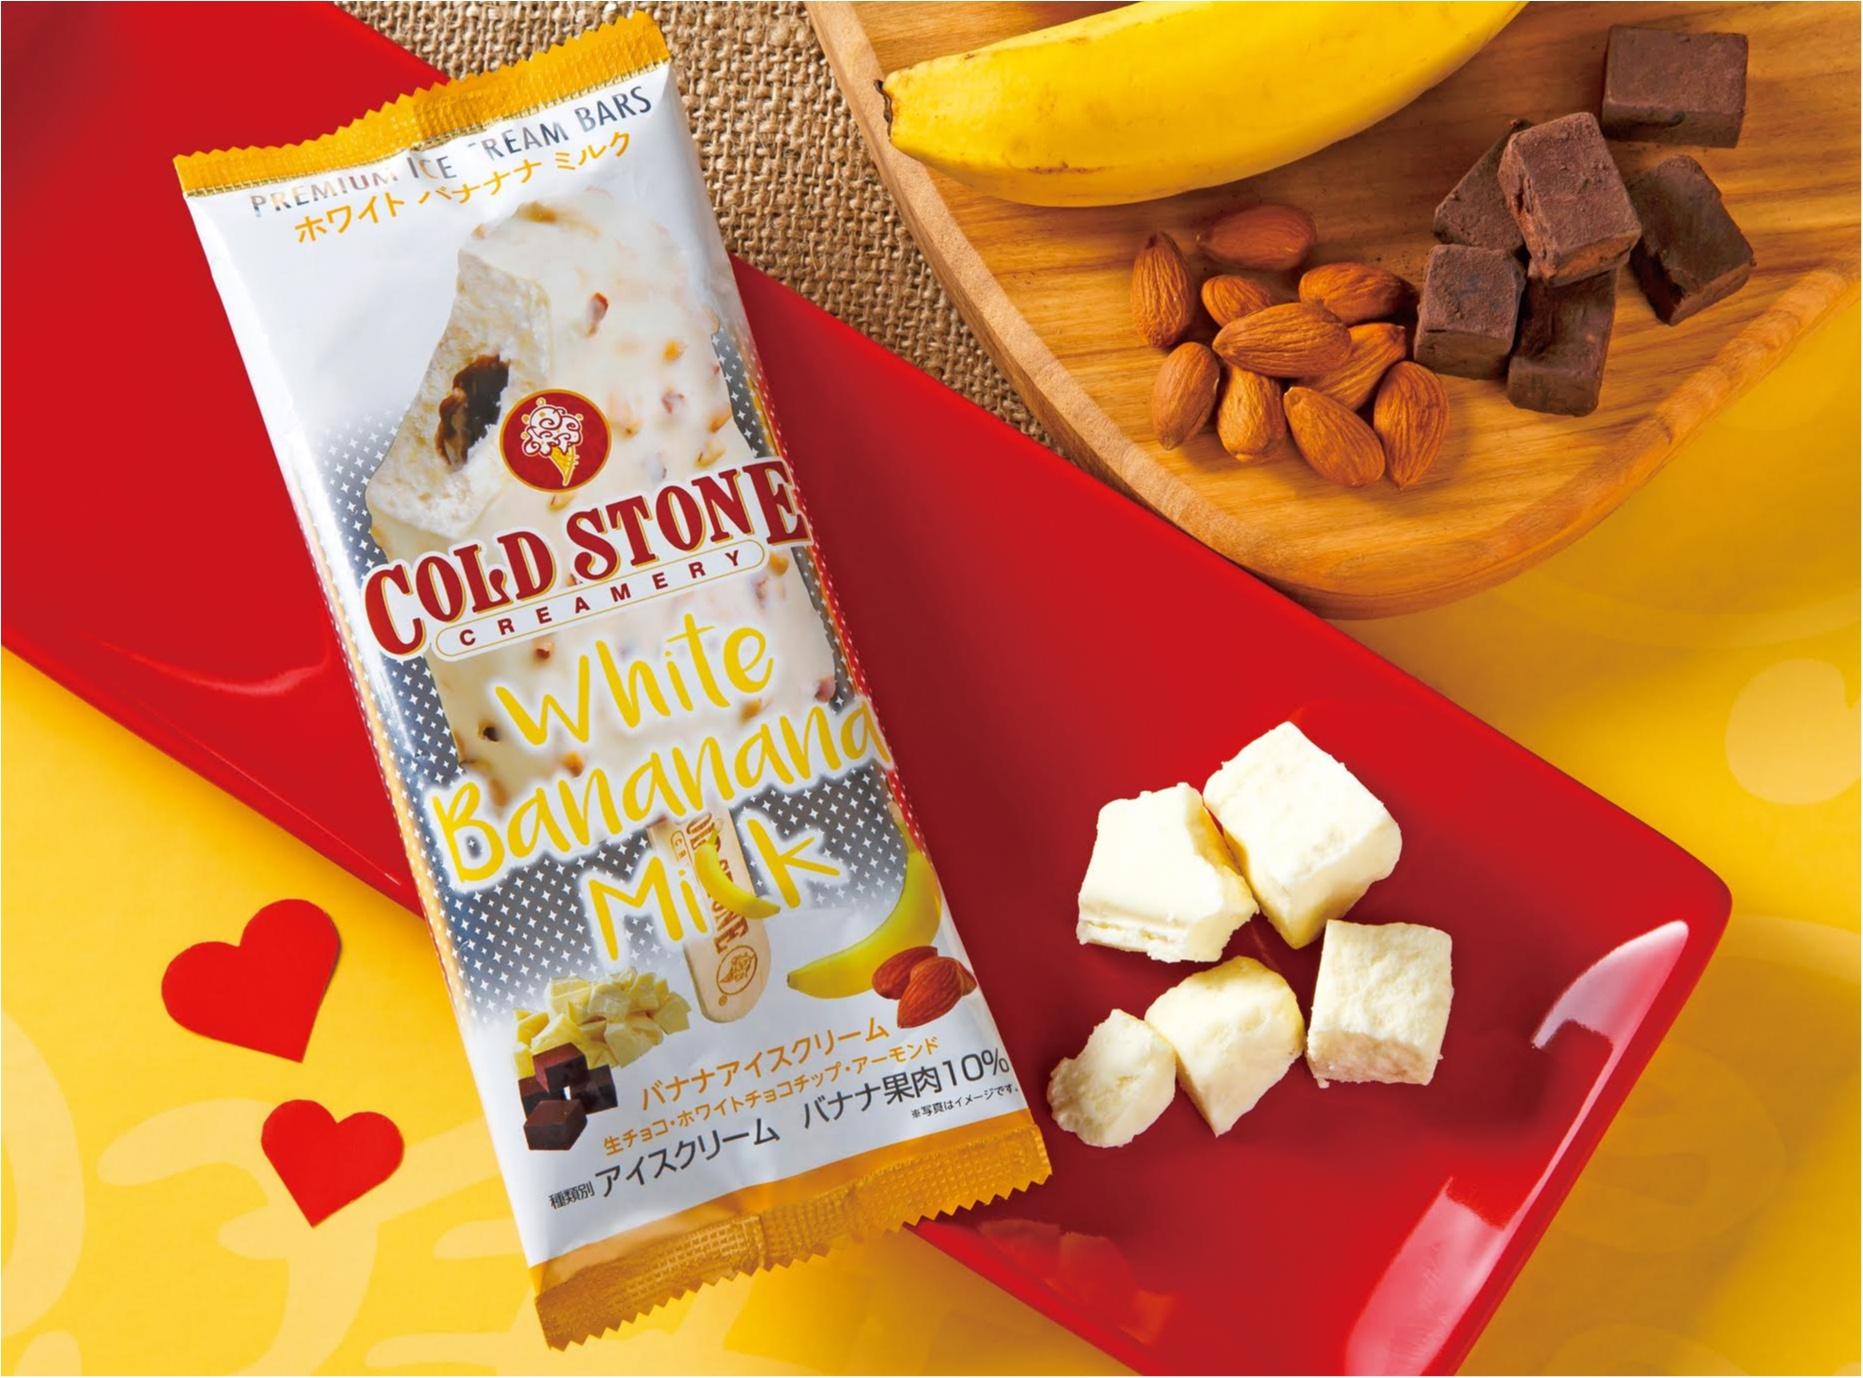 幸せな恋の味♡ 『セブンーイレブン』限定の『コールド・ストーン・クリーマリー』新作はバナナ!_1